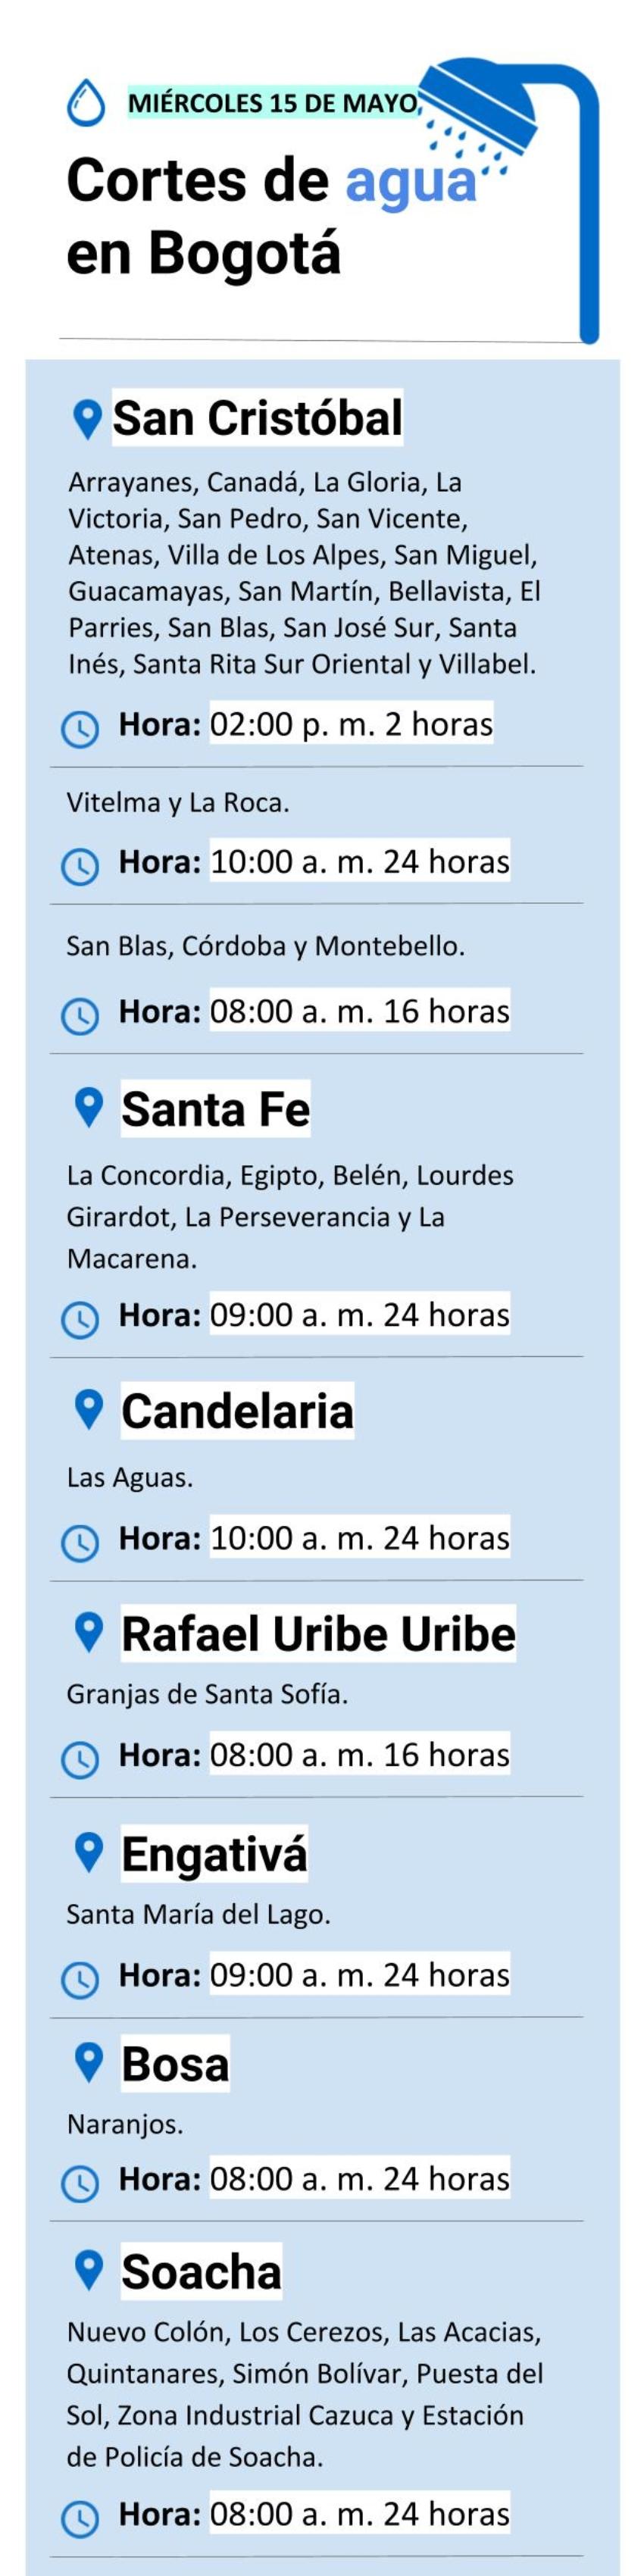 Cortes de agua en Bogotá miércoles 15 de mayo